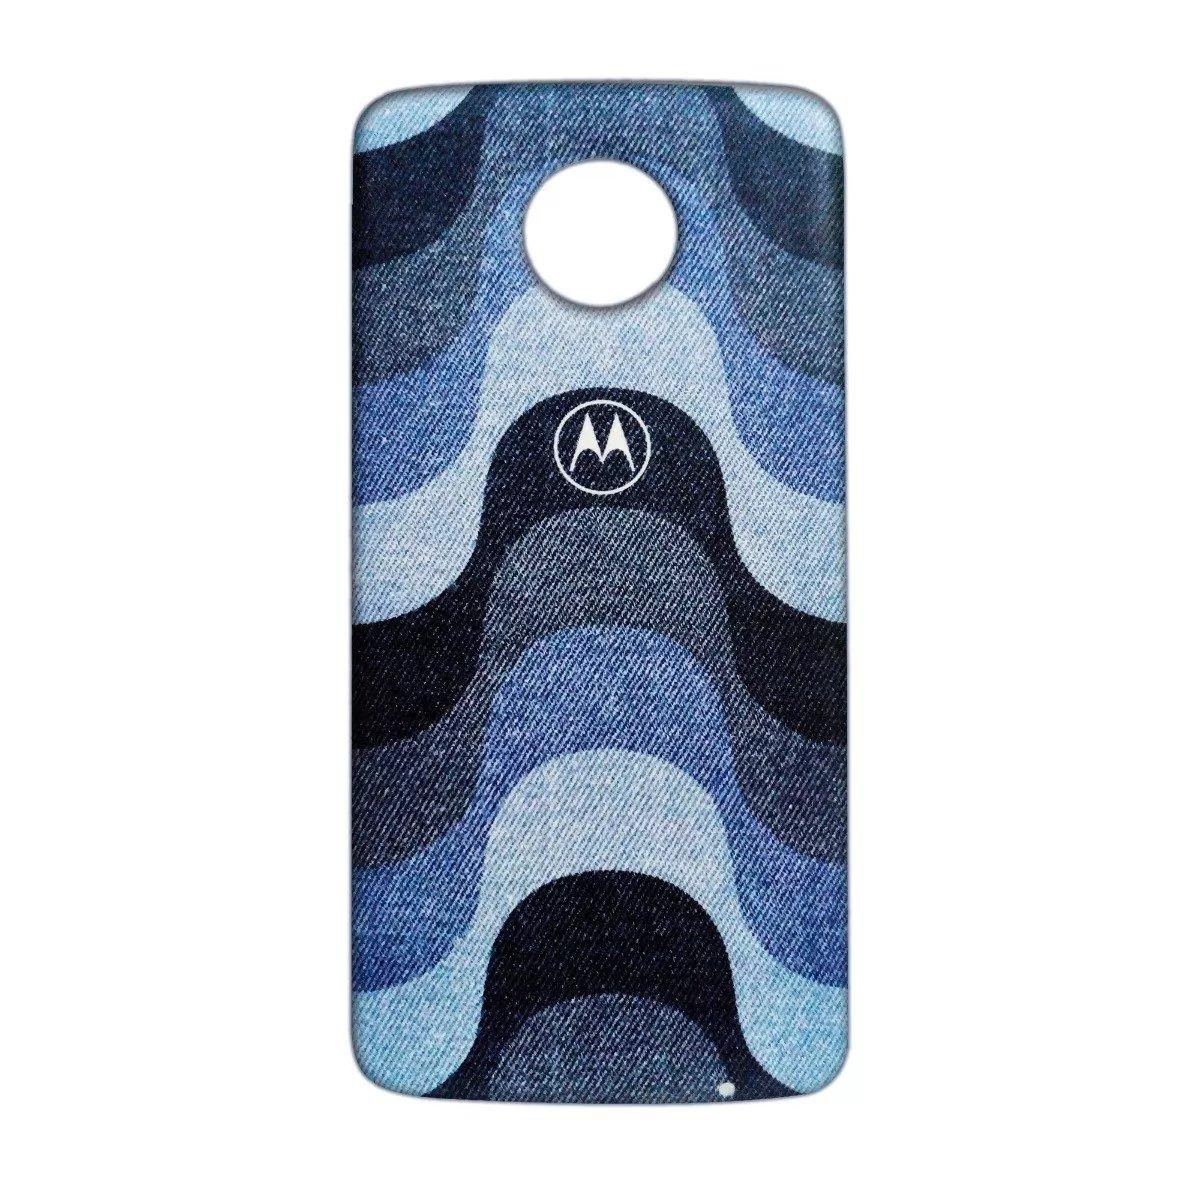 Moto Mod Motorola Style Caps Tiles Para Moto Z